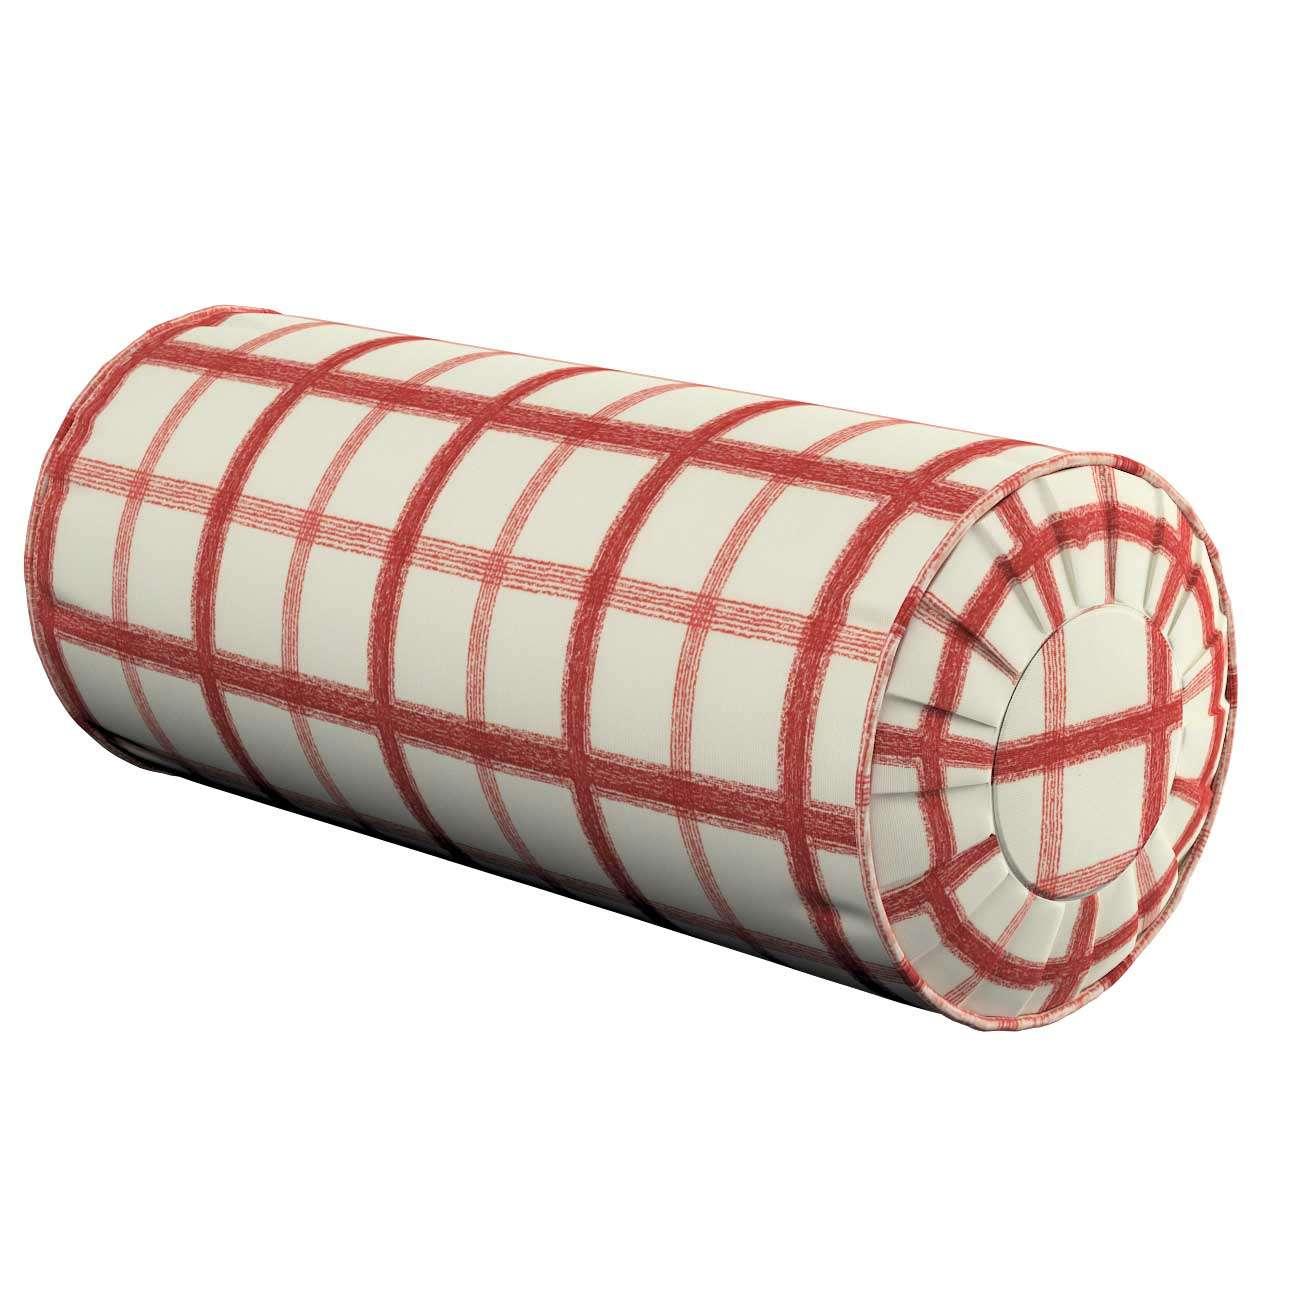 Poduszka wałek z zakładkami Ø 20 x 50 cm w kolekcji Avinon, tkanina: 131-15